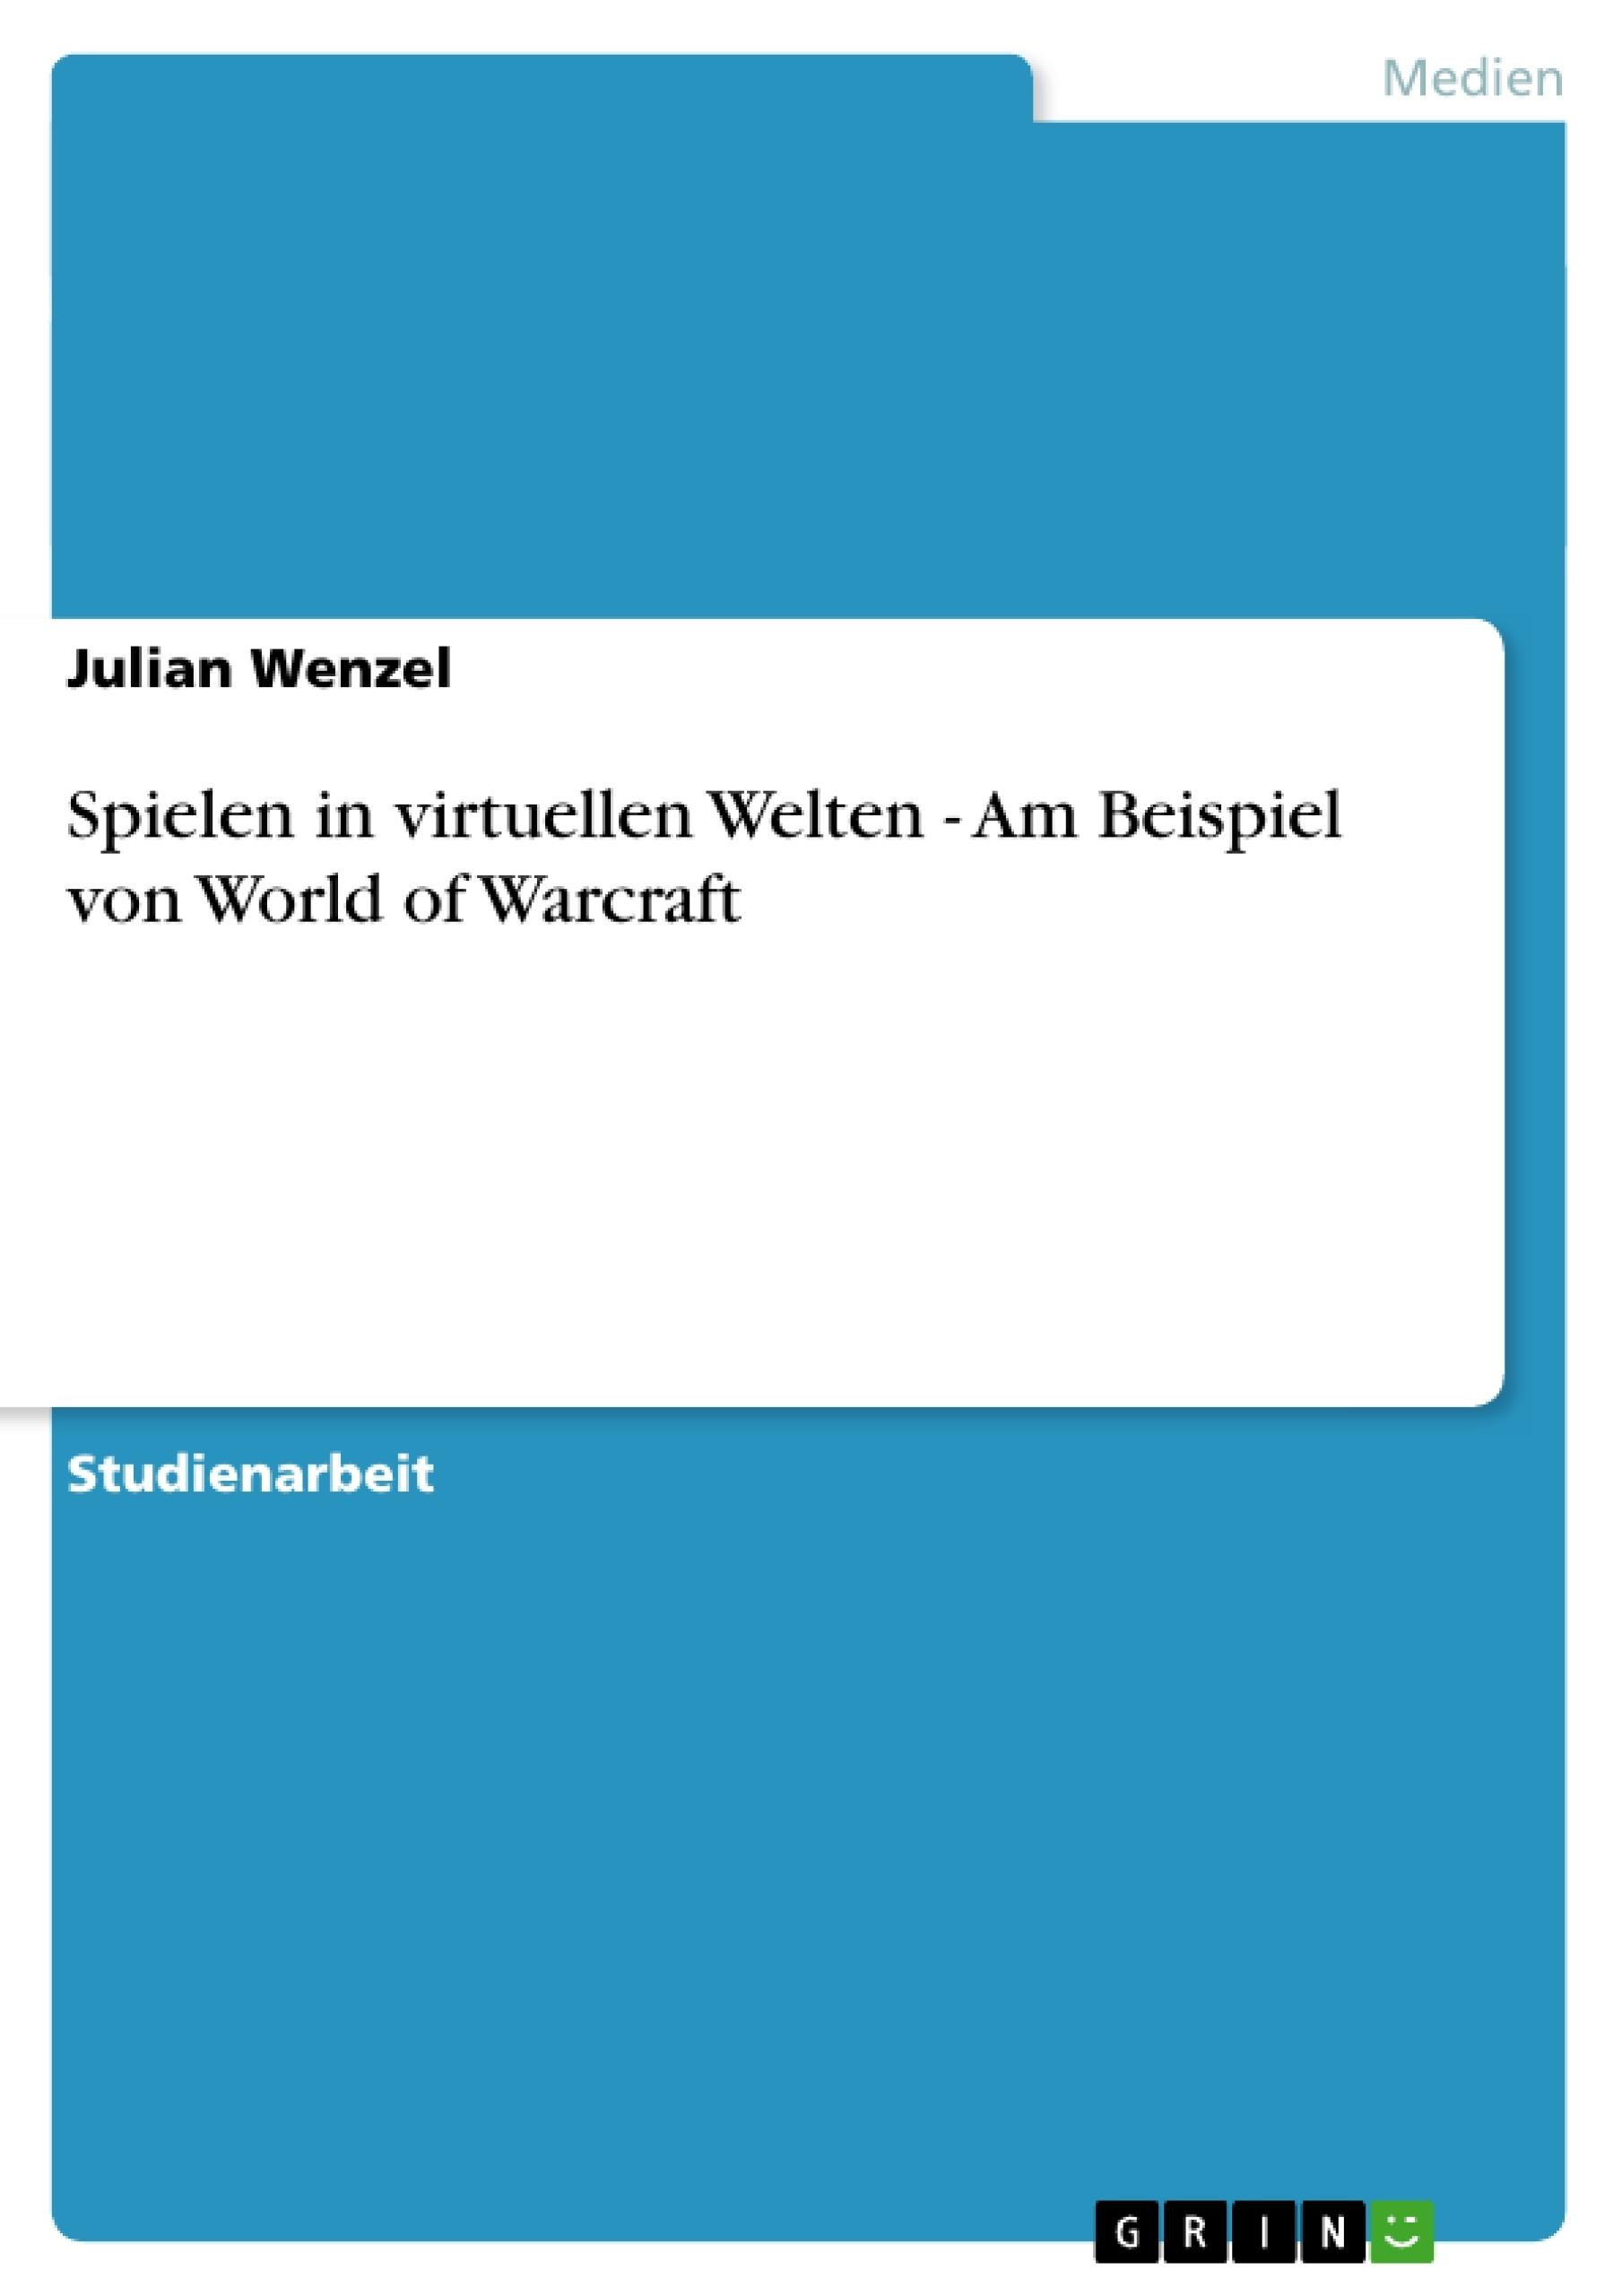 Titel: Spielen in virtuellen Welten - Am Beispiel von World of Warcraft